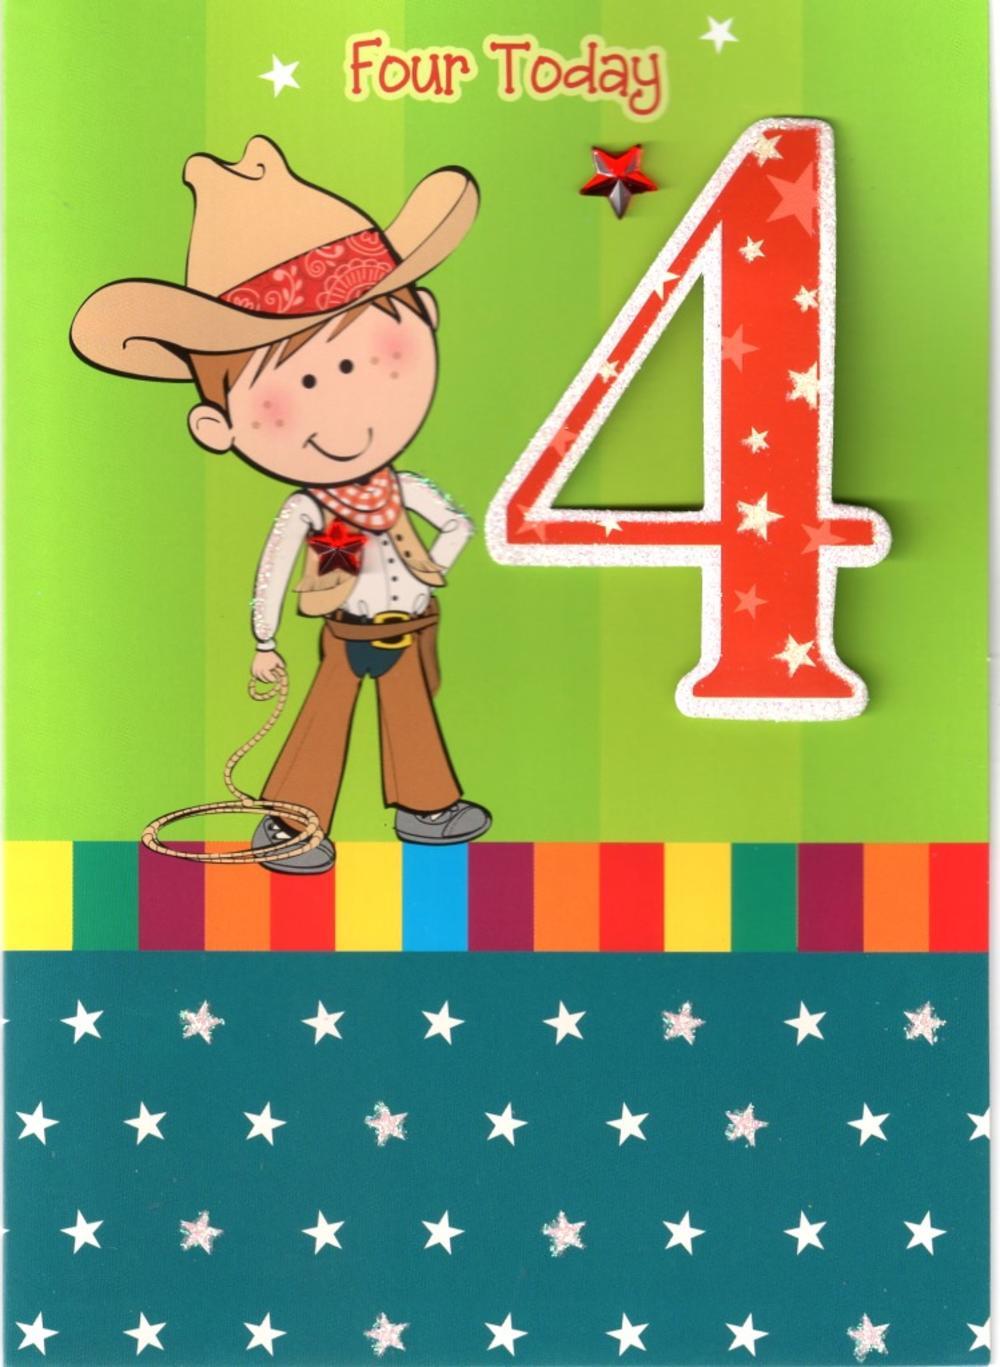 Boys 4th Birthday 4 Four Today Card Cards Love Kates